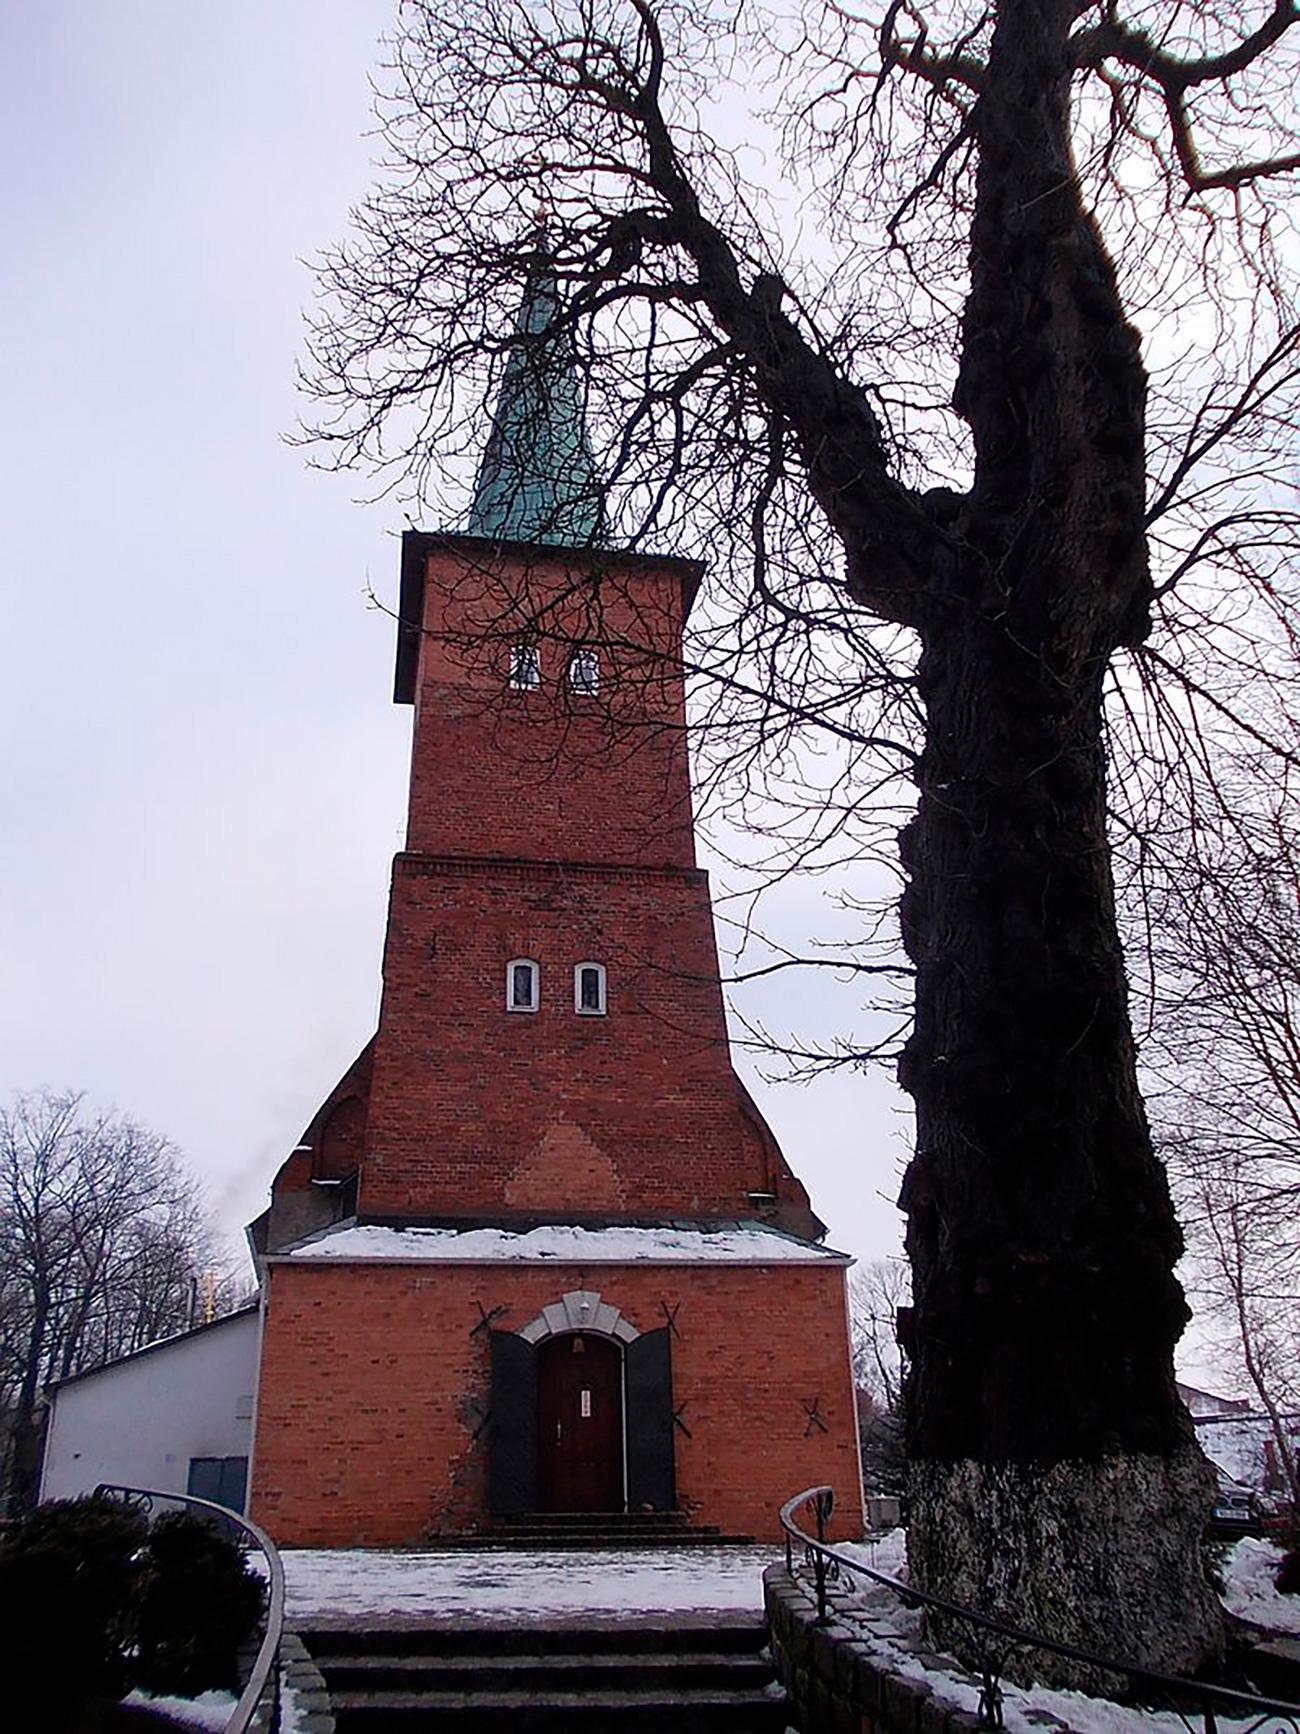 ドイツ騎士団の教会=Wikipedia